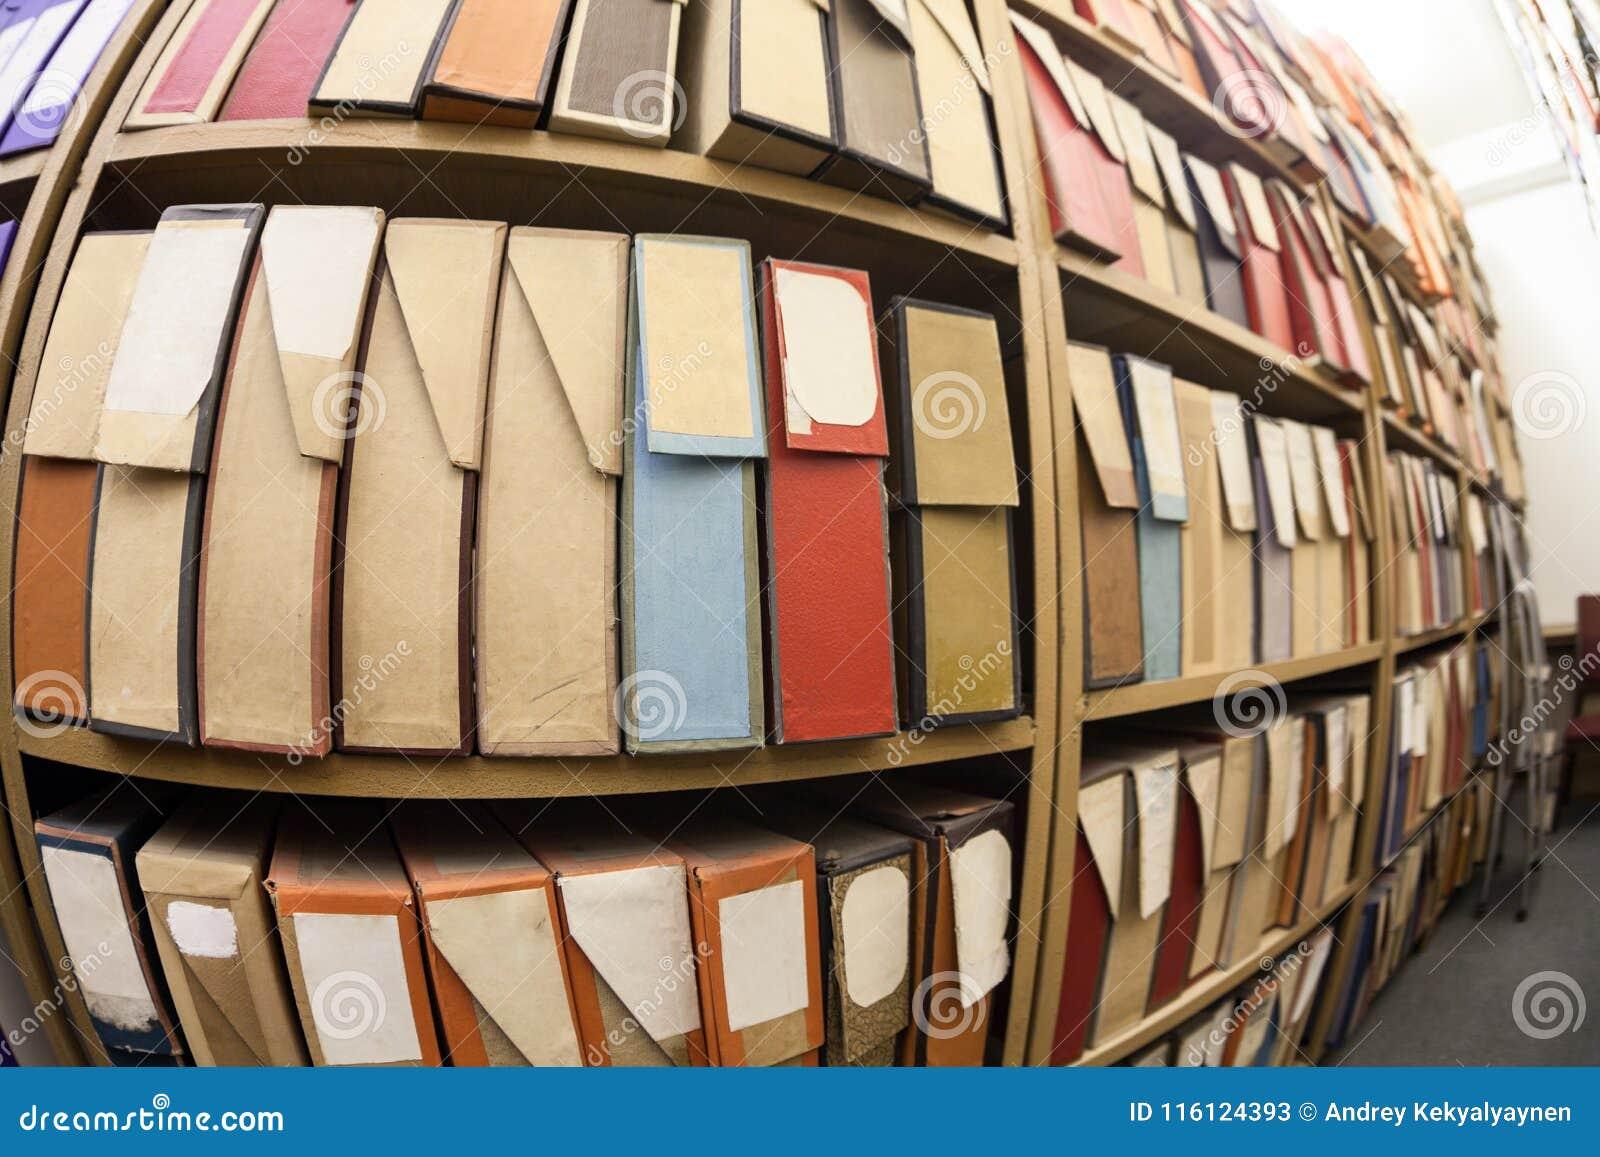 Cartonnez les boîtes pour les documents sur papier, la documentation et les disques se tenant sur des étagères dans les archives